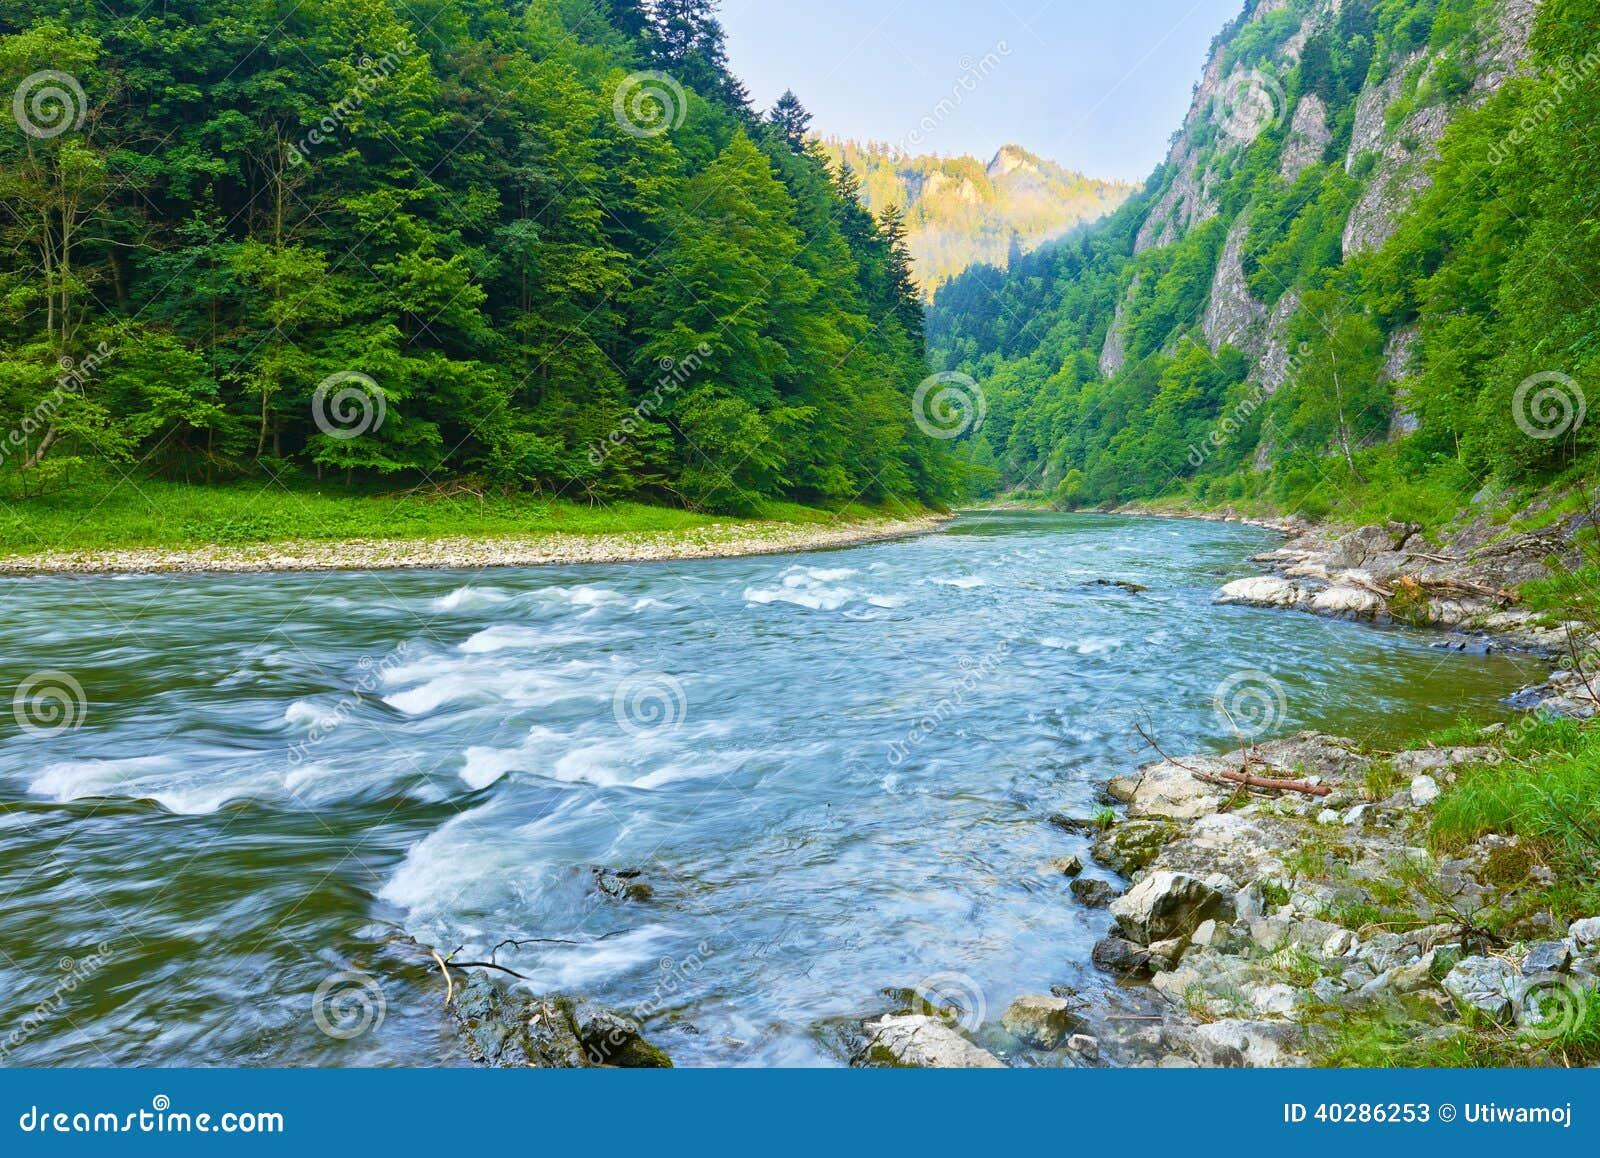 Природный заповедник ущелья реки Dunajec.